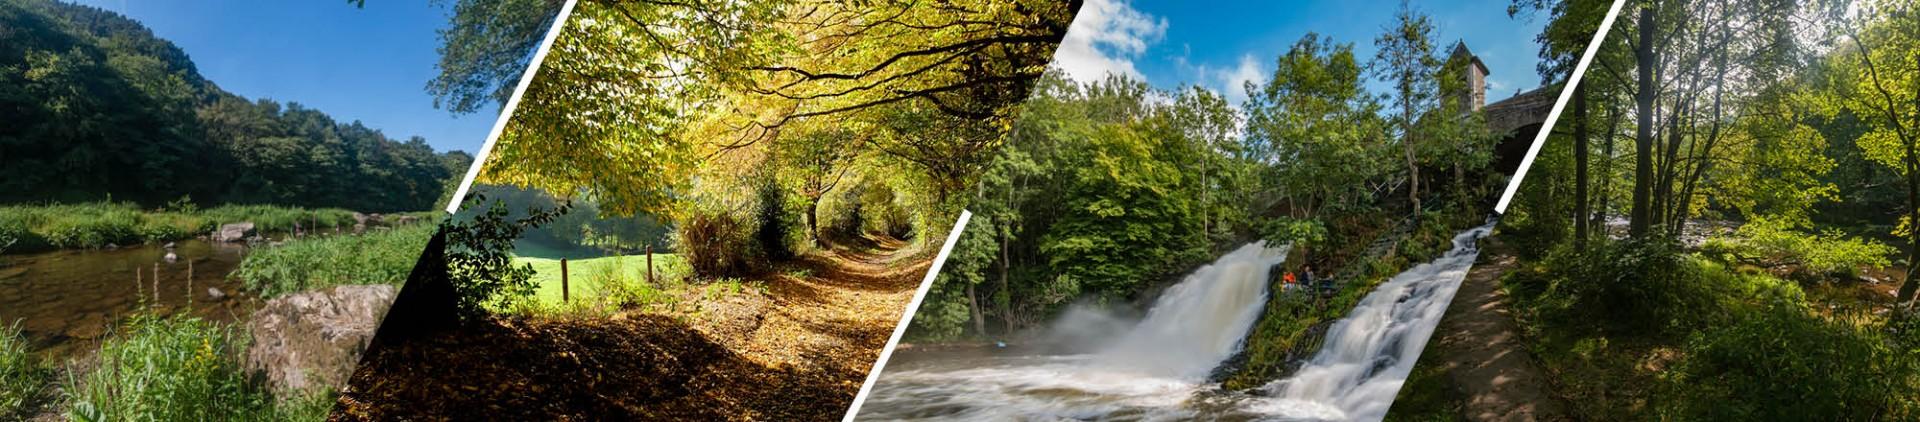 Natuurschoon - provincie Luik